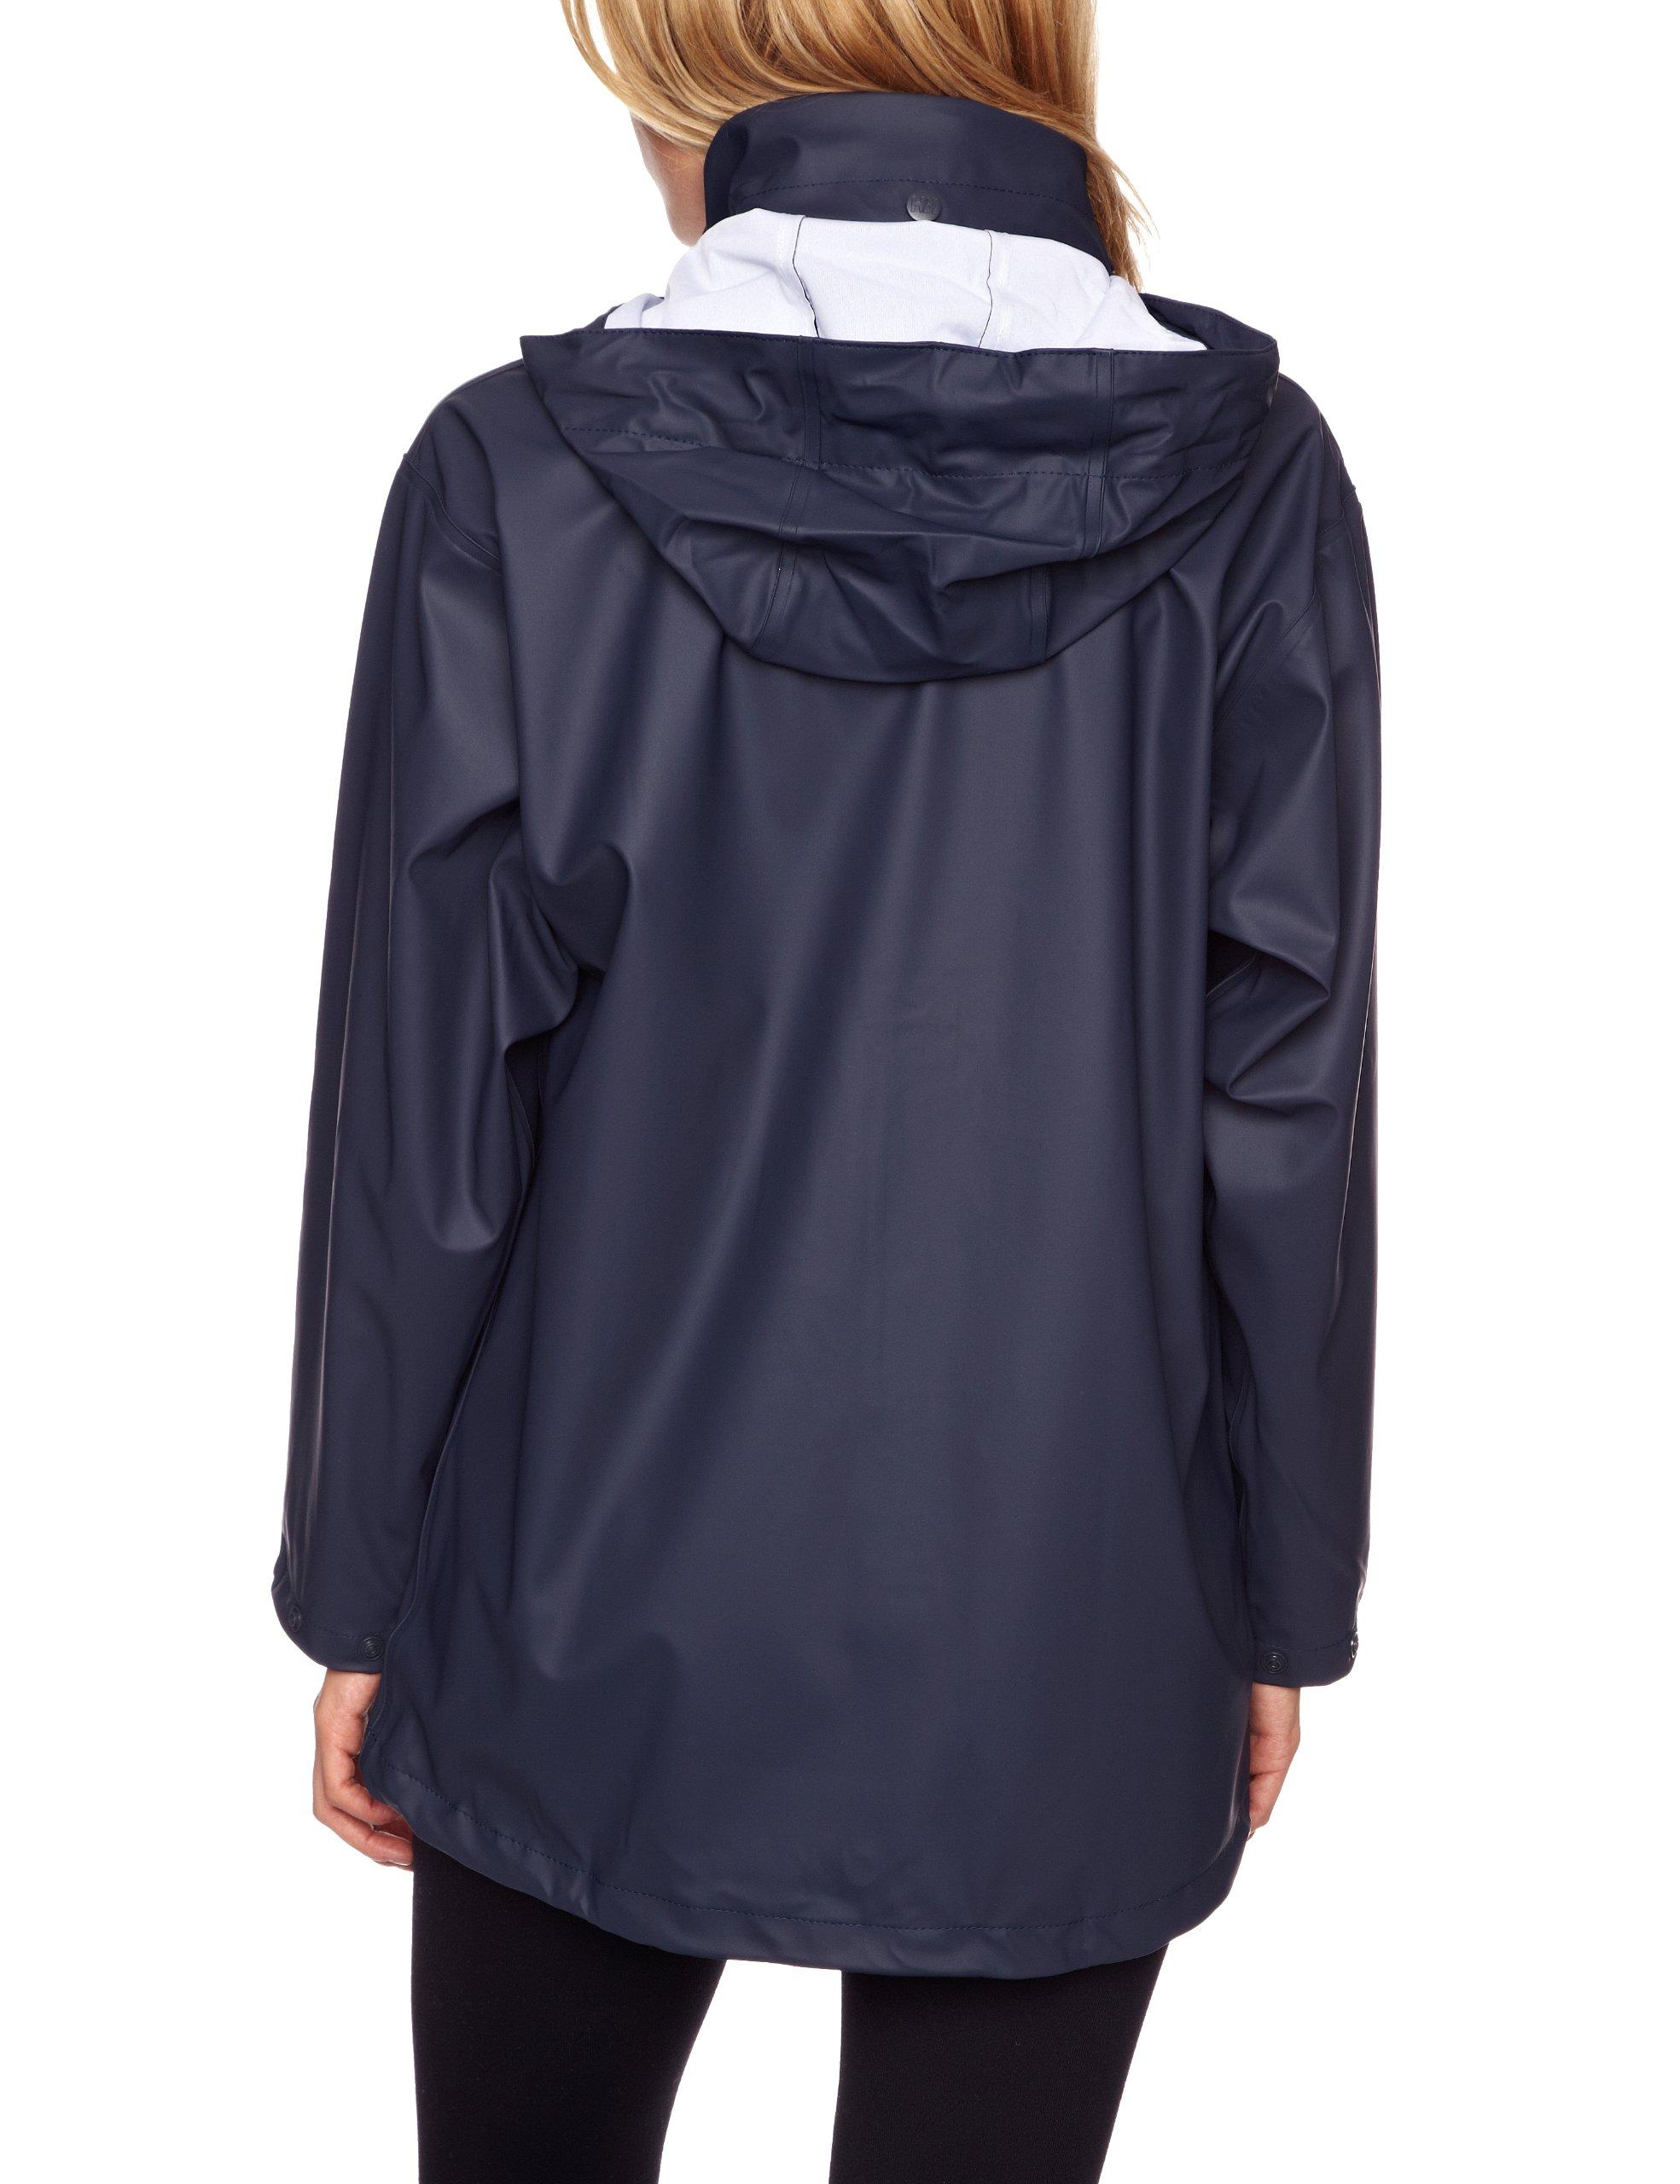 Helly Hansen Women's Voss Windproof Waterproof Rain Jacket, 590 Classic Navy, Medium